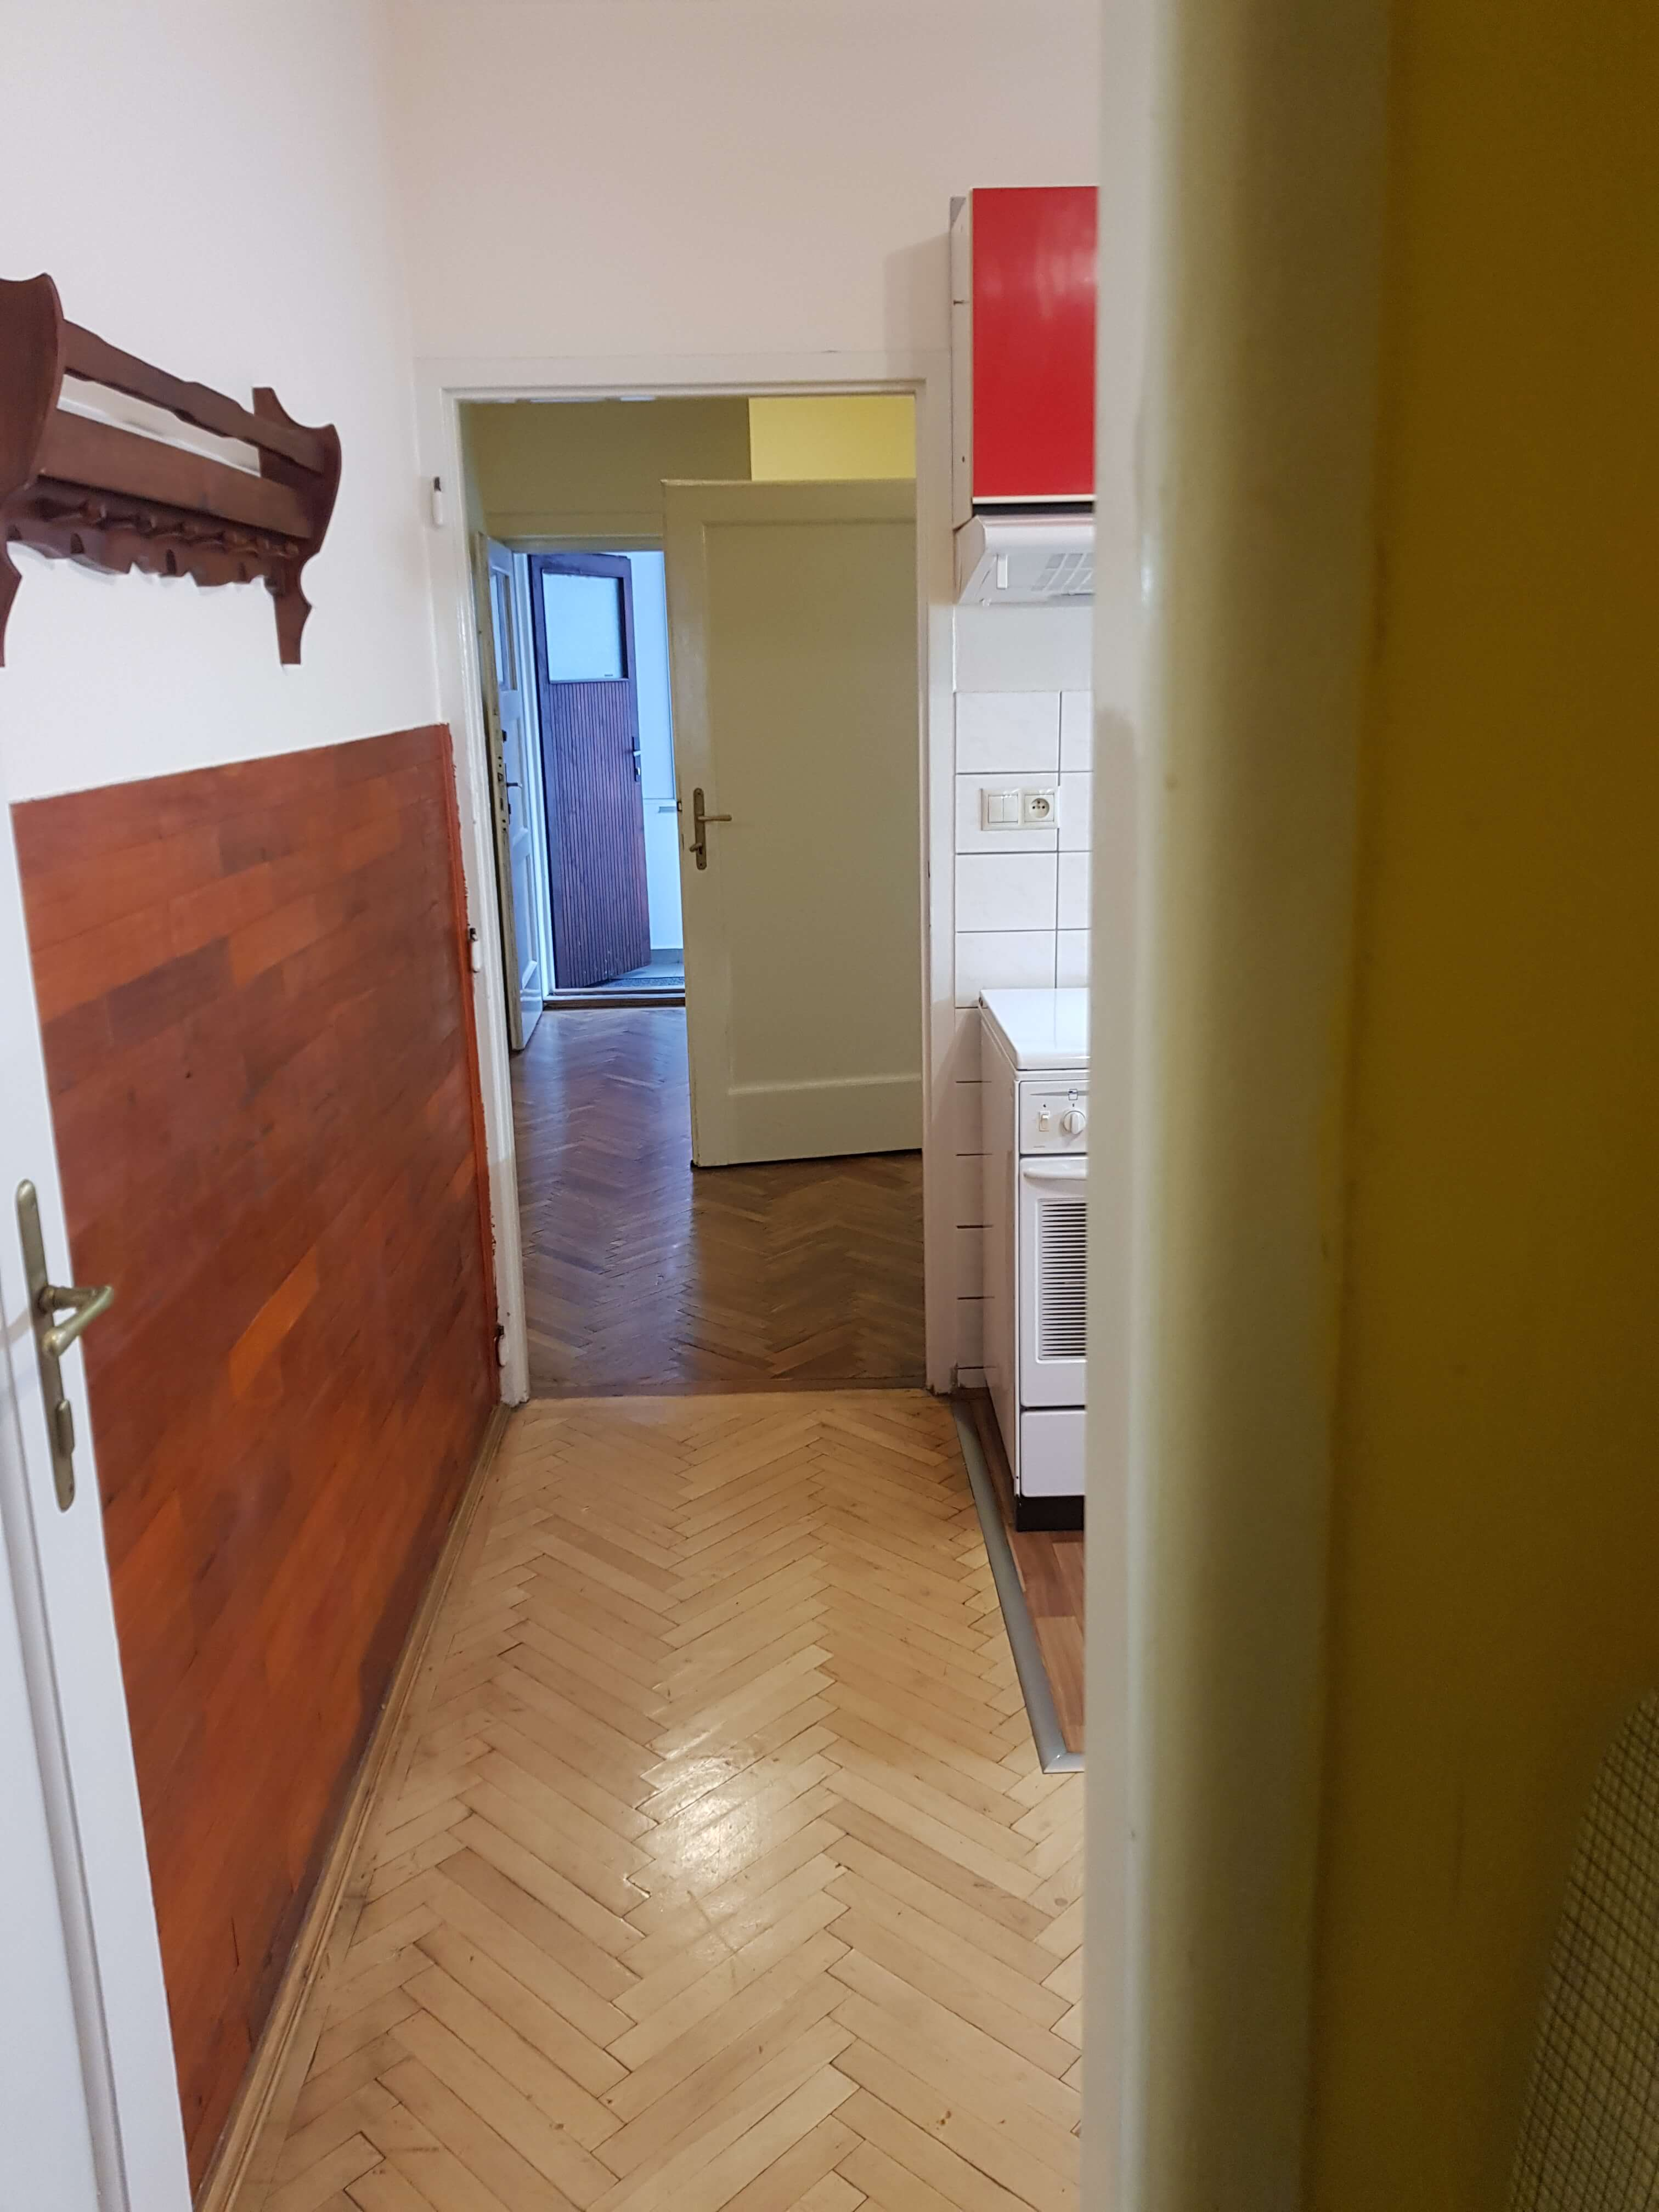 Predaj exkluzívneho 2 izb. bytu, staré mesto, Šancová ulica, Bratislava, 75m2, kompletne zariadený-9